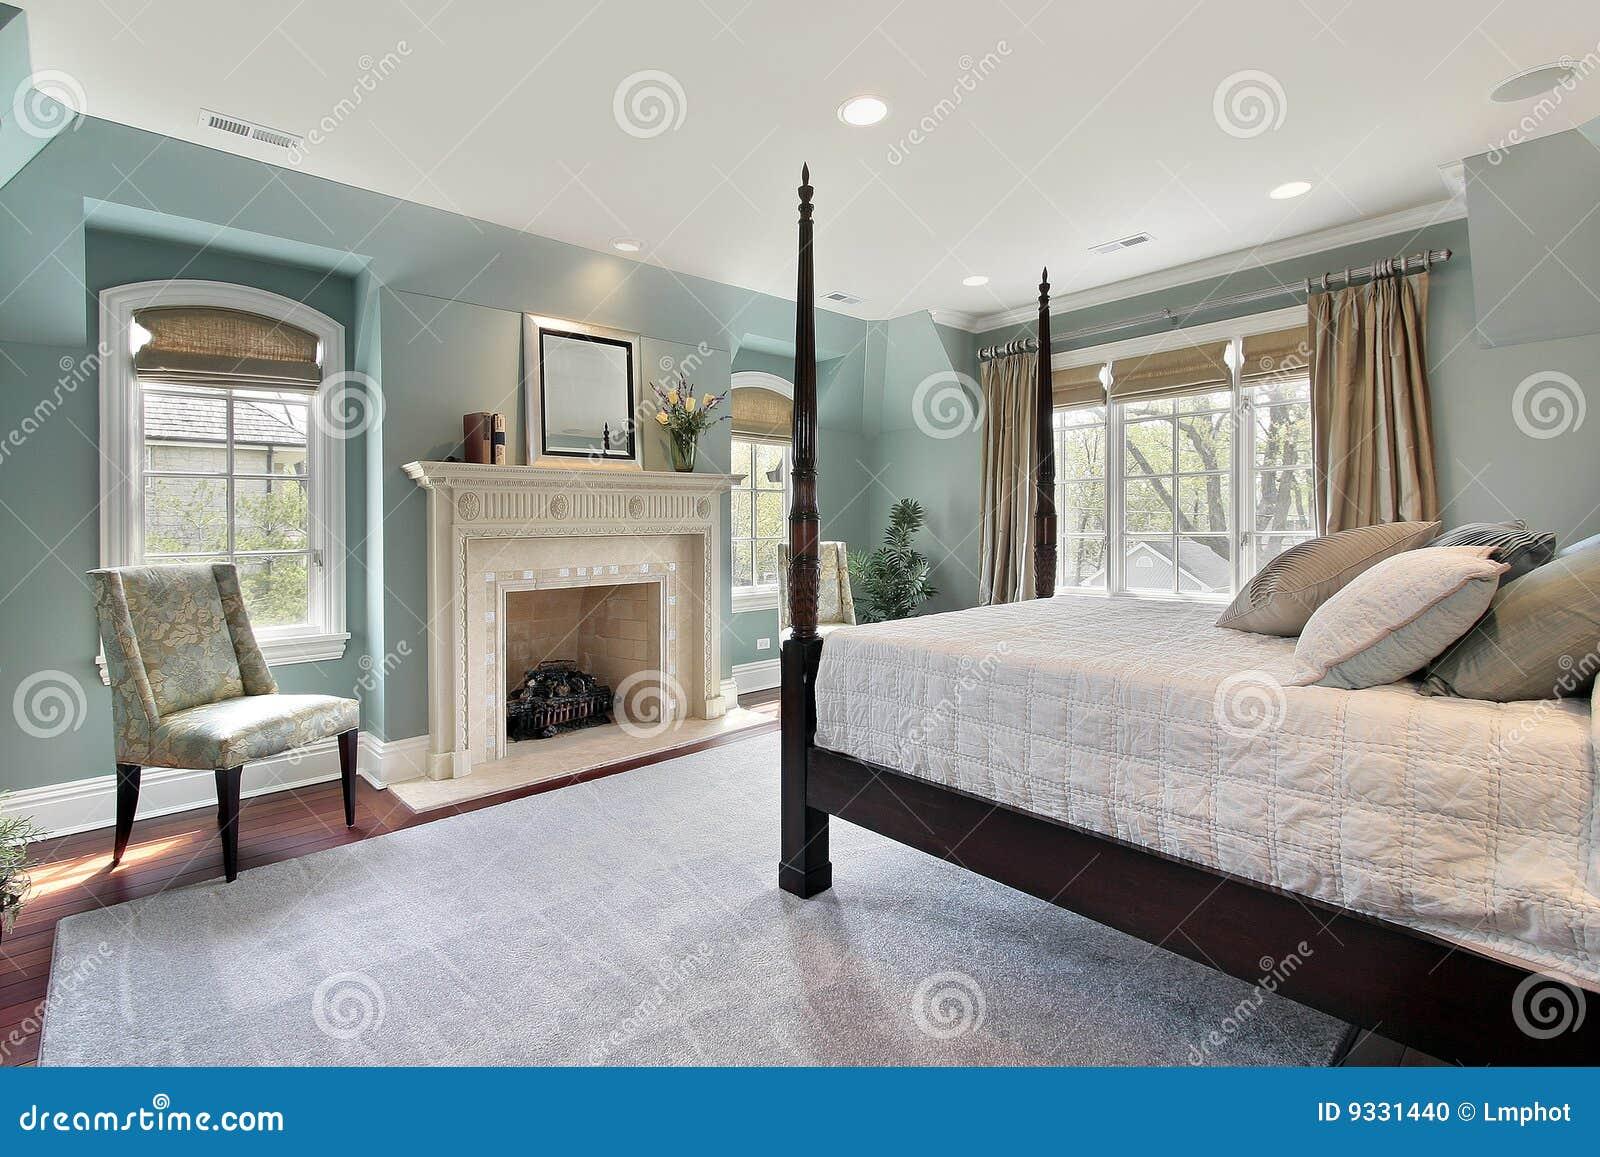 Dormitorio principal en hogar de lujo foto de archivo - Habitacion principal ...